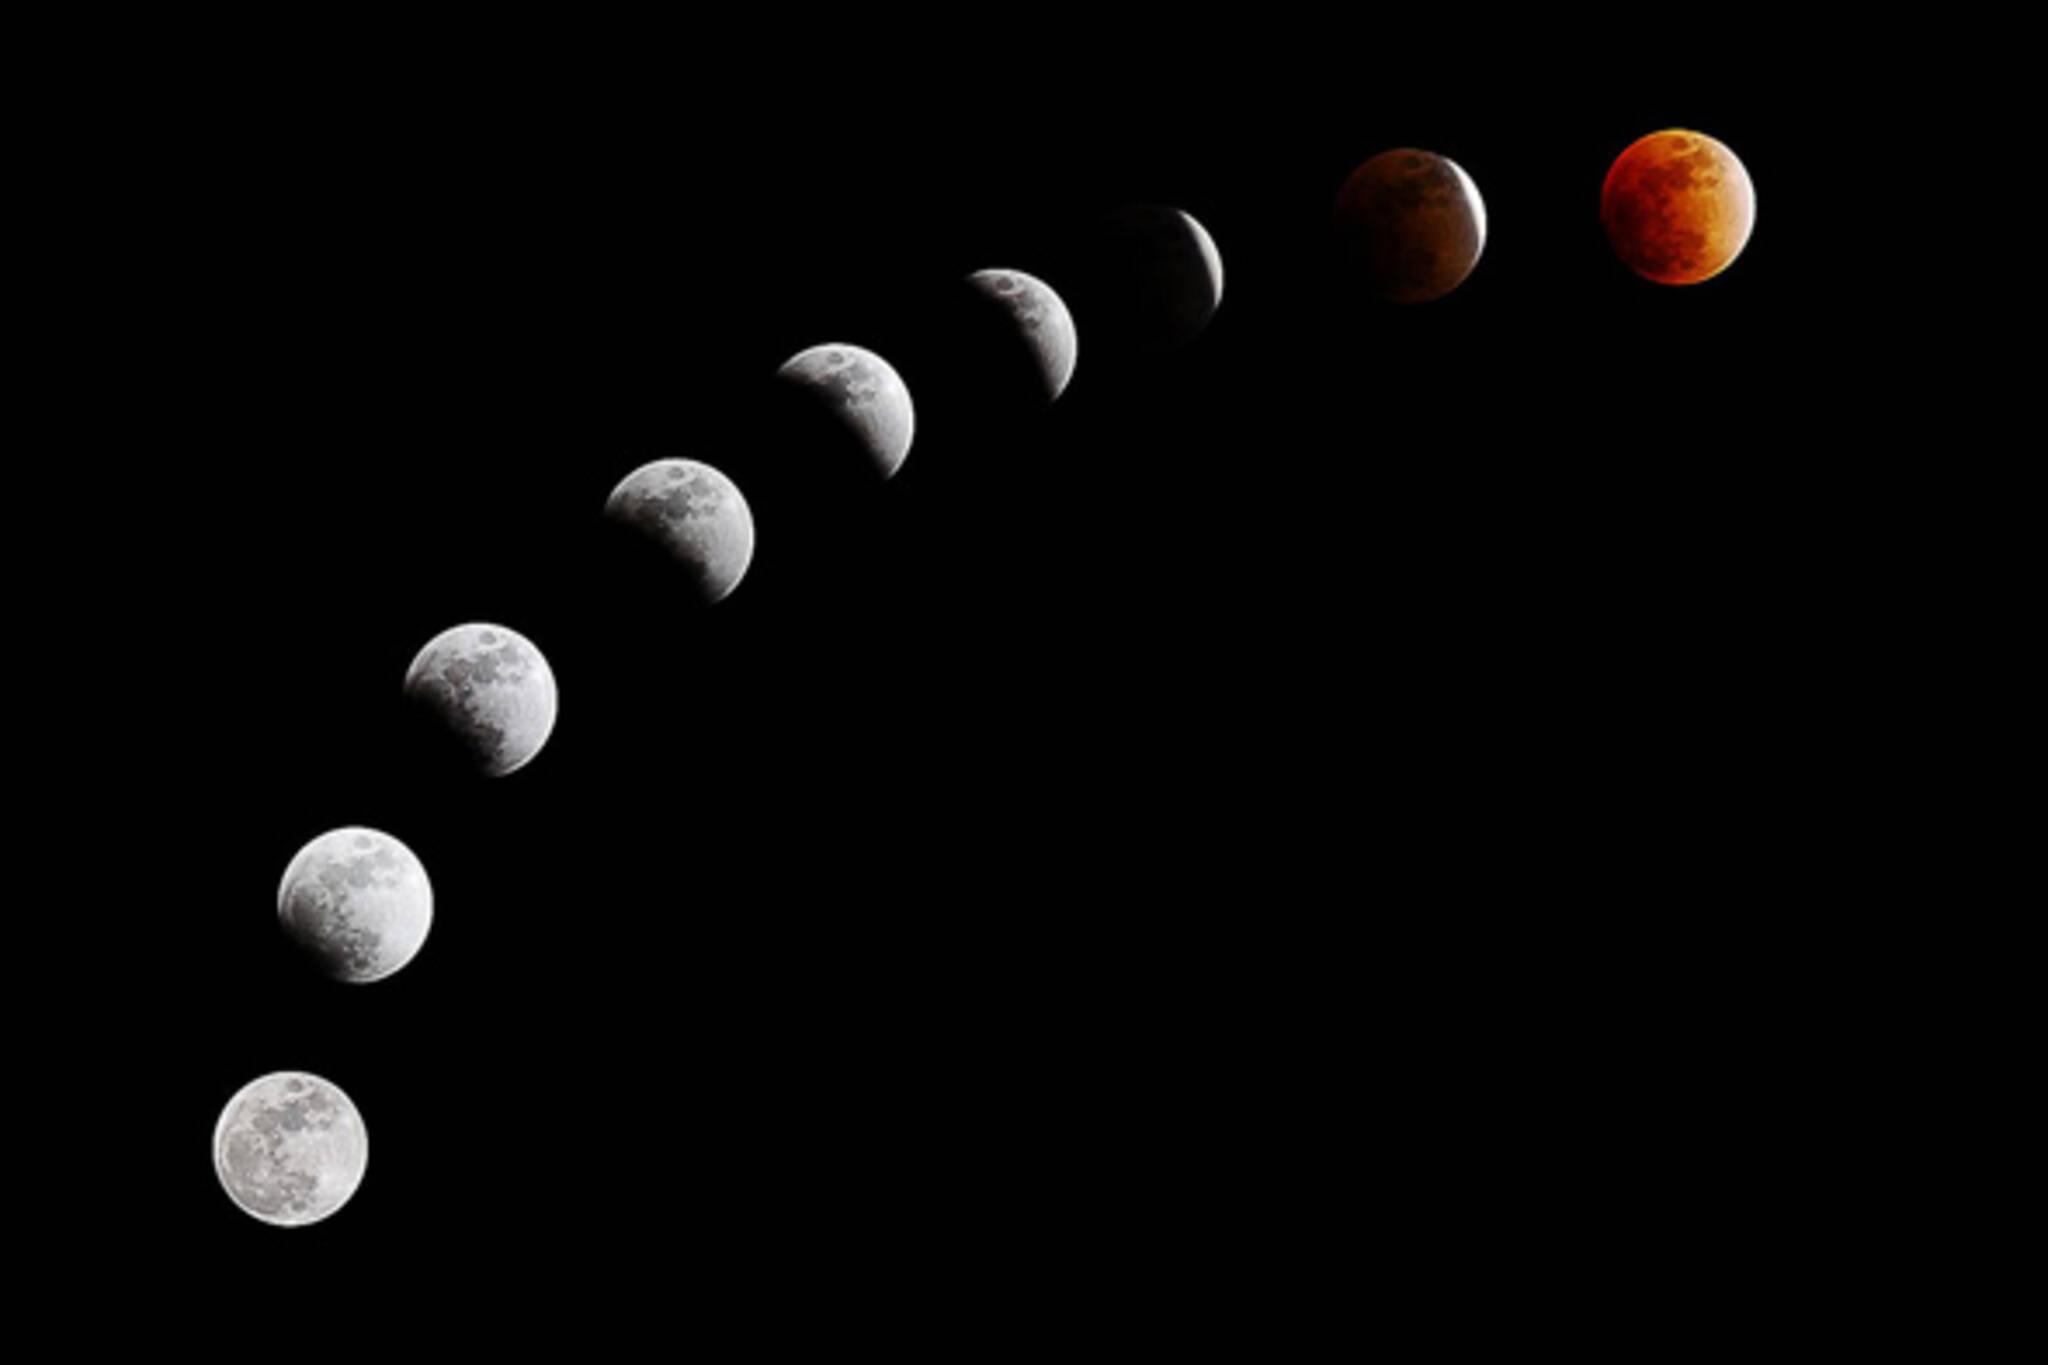 Lunar Eclipse December 2010